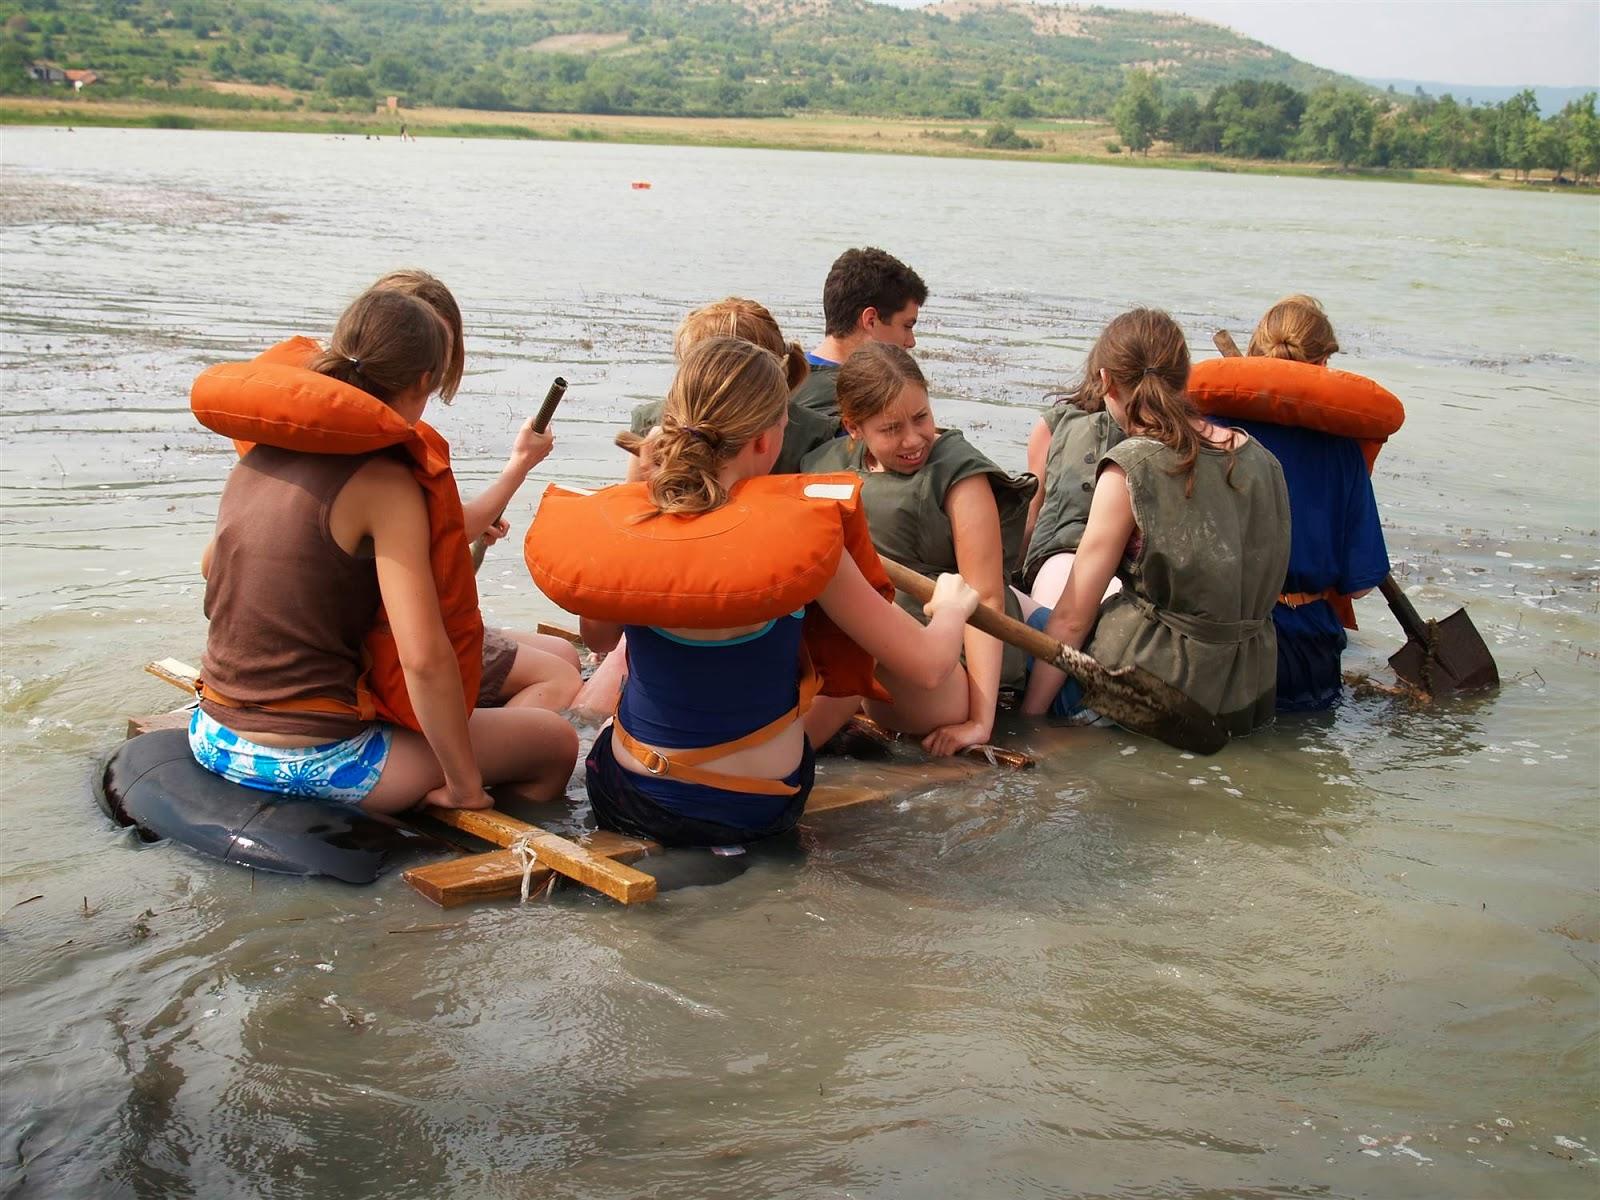 Smotra, Smotra 2006 - P0272205.JPG